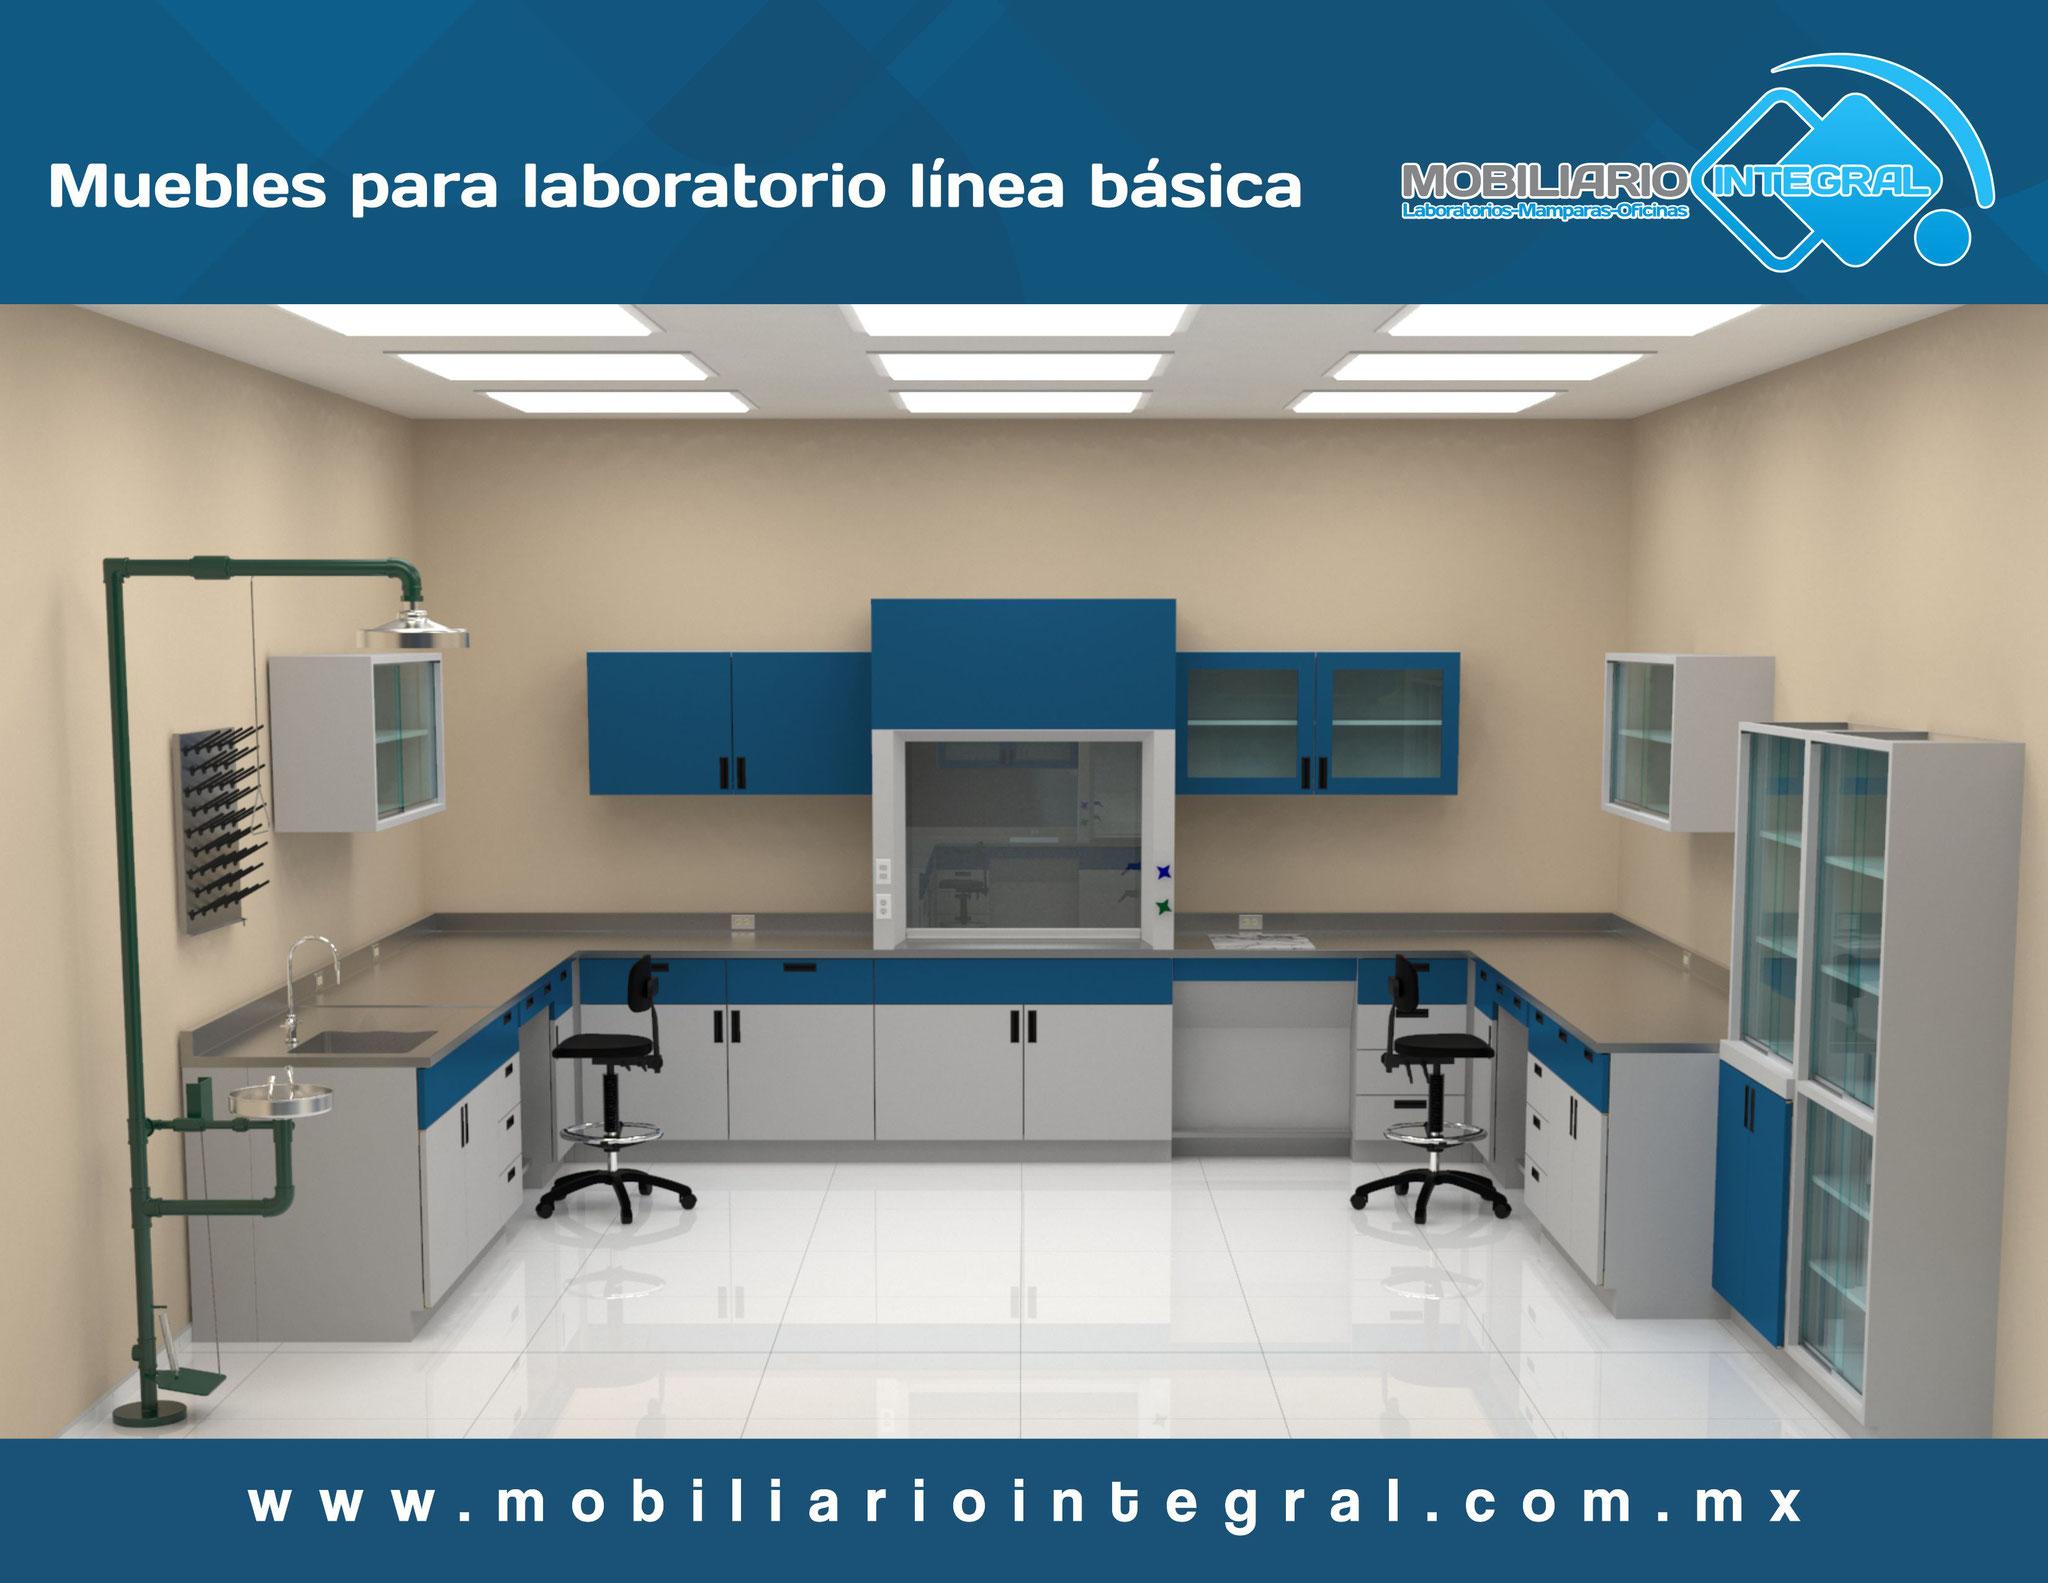 Muebles para laboratorio en Chiapas